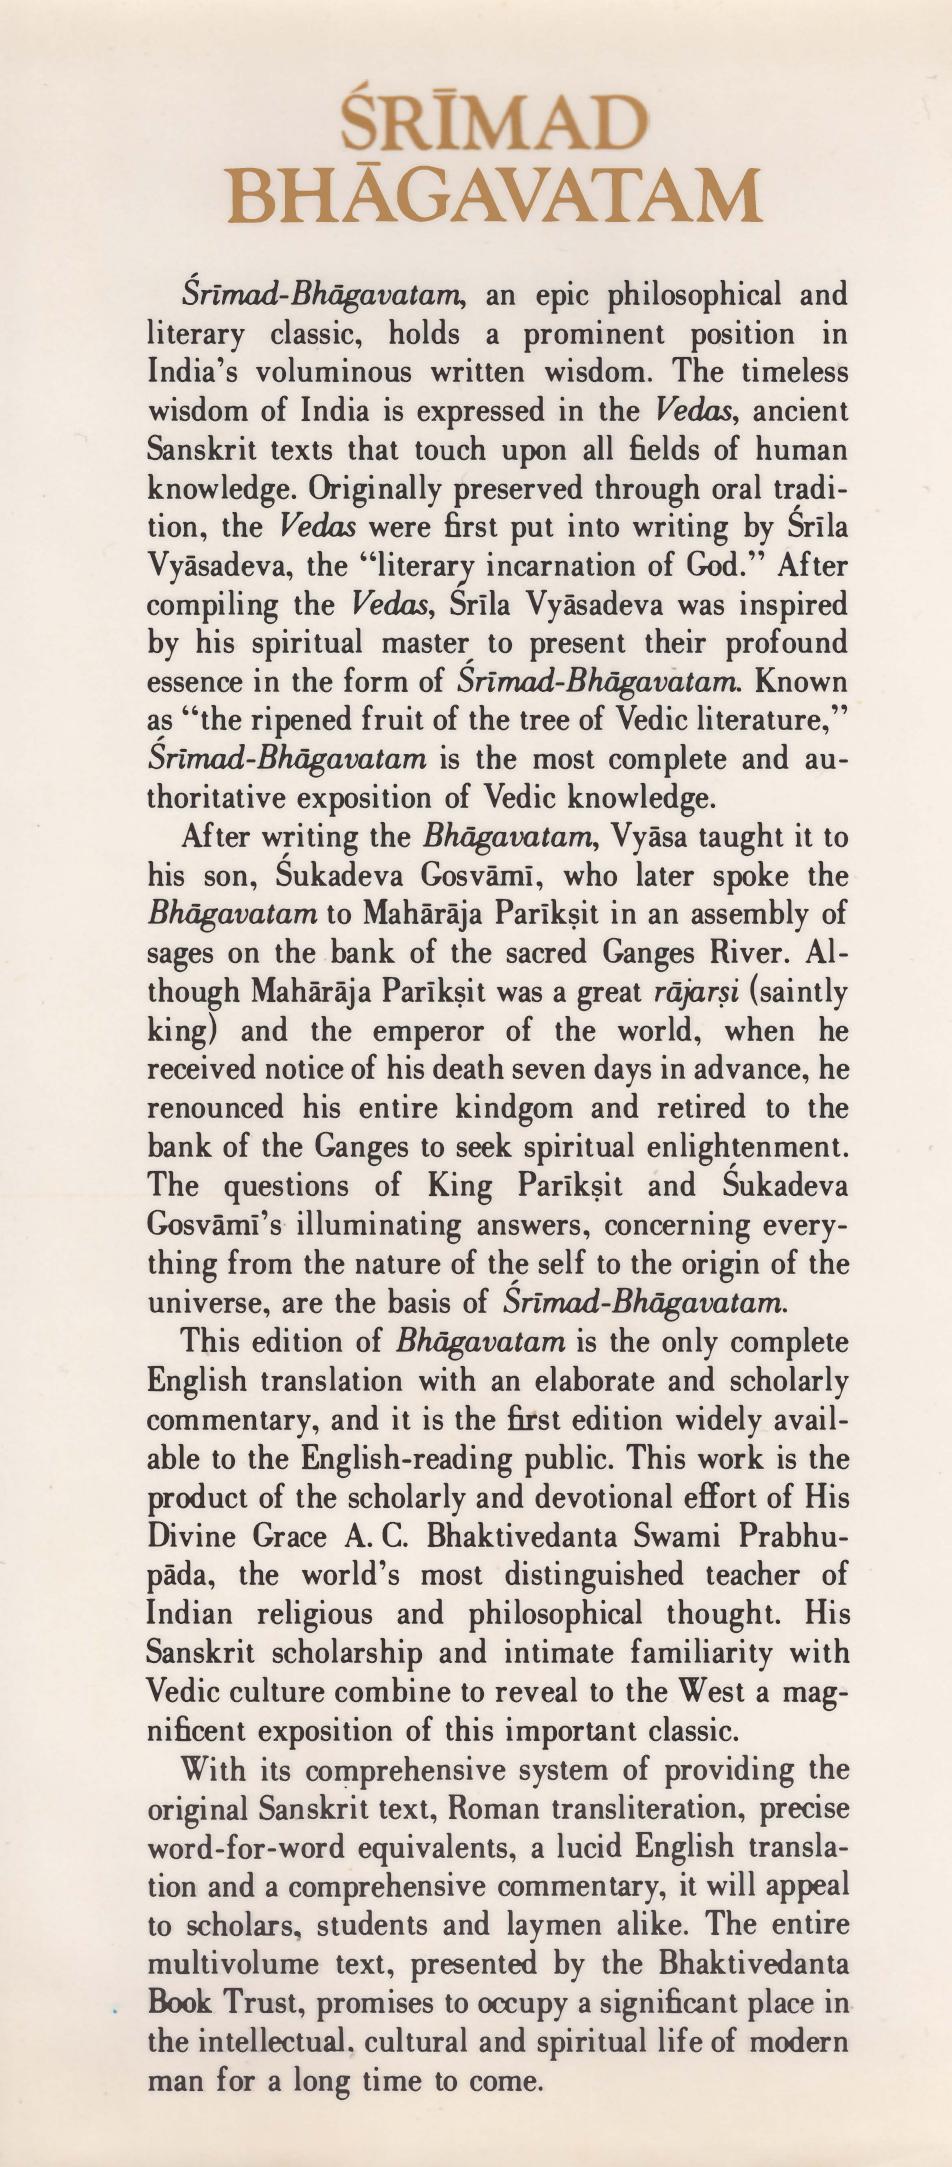 pdf download | The Hare Krishna Movement